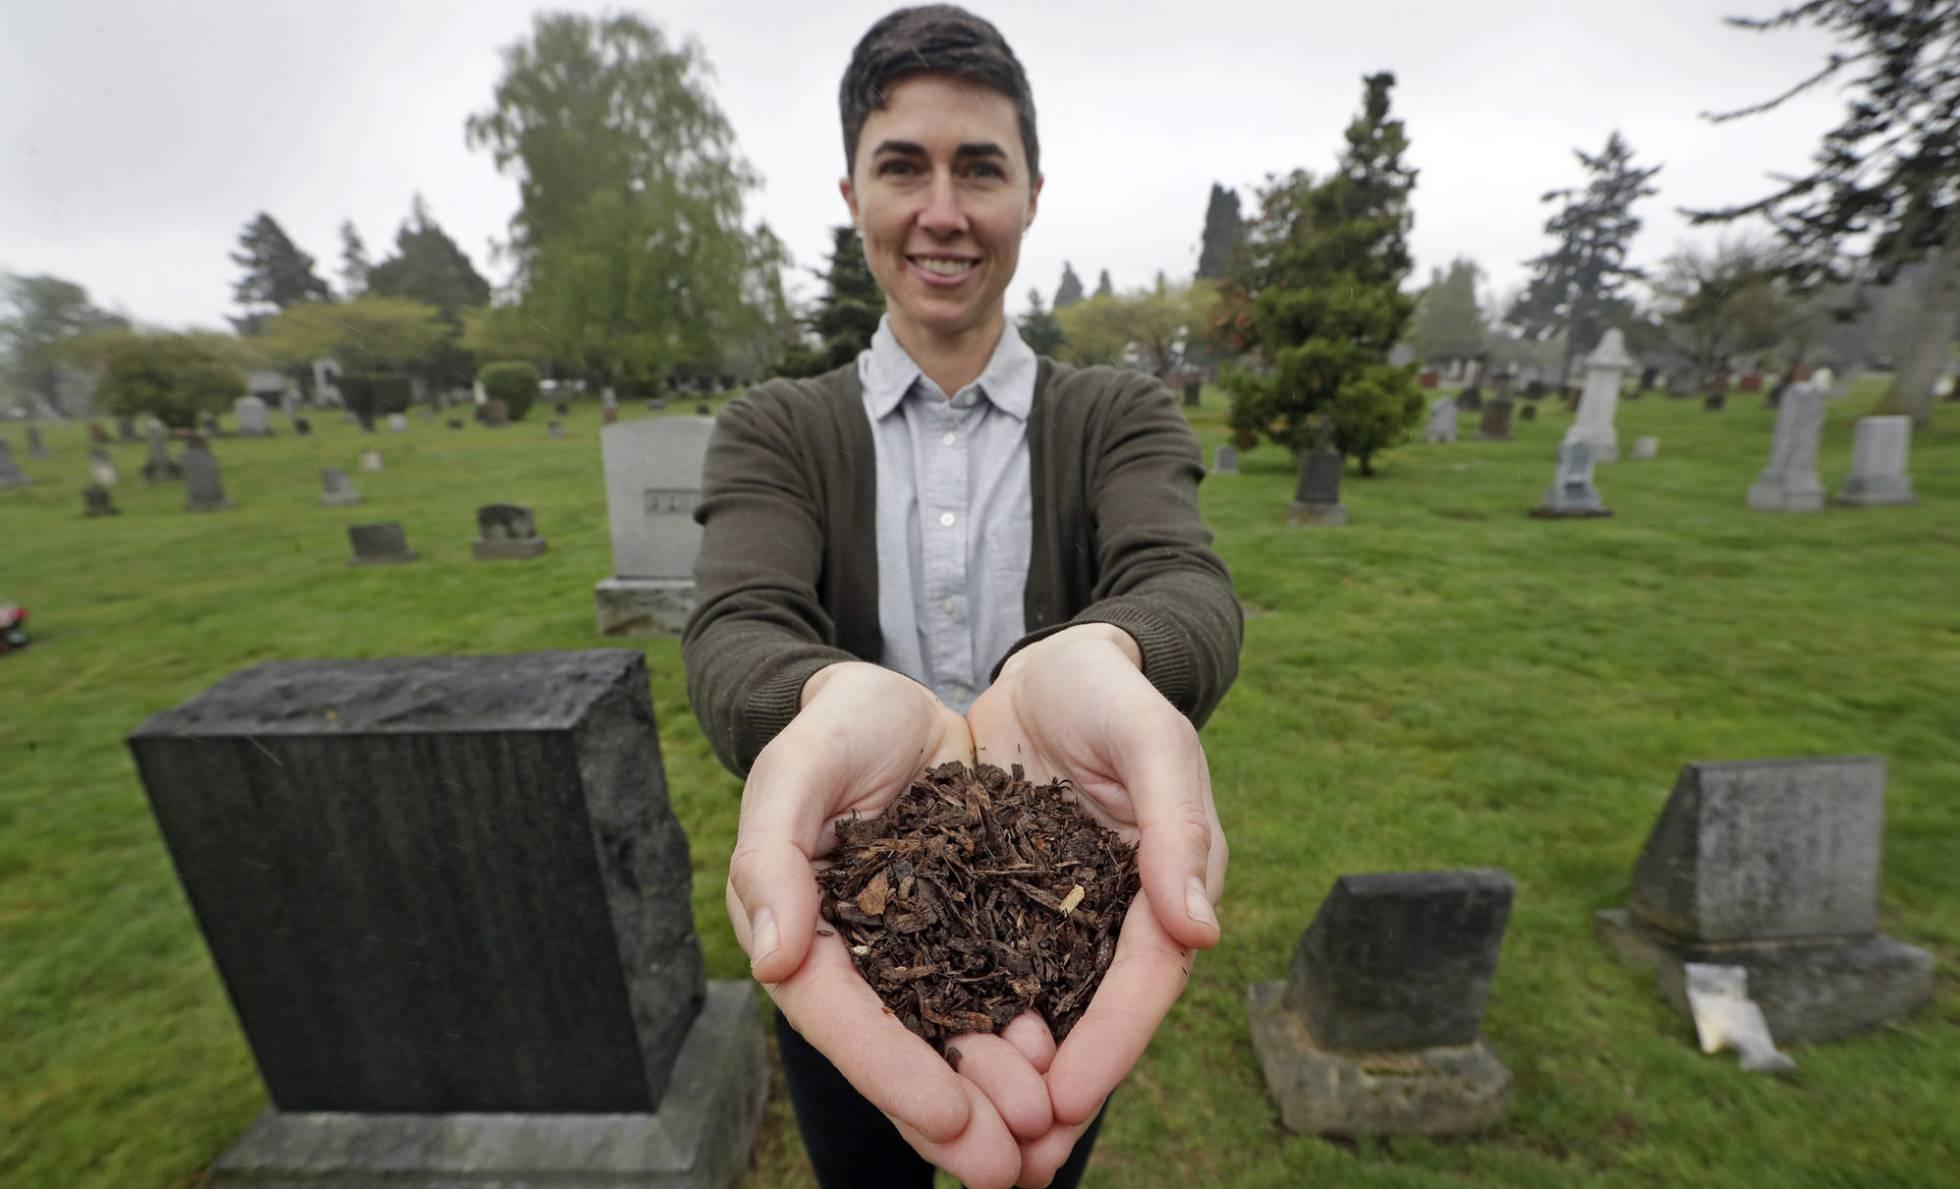 Adubo humano para plantas é autorizado pela primeira vez nos EUA